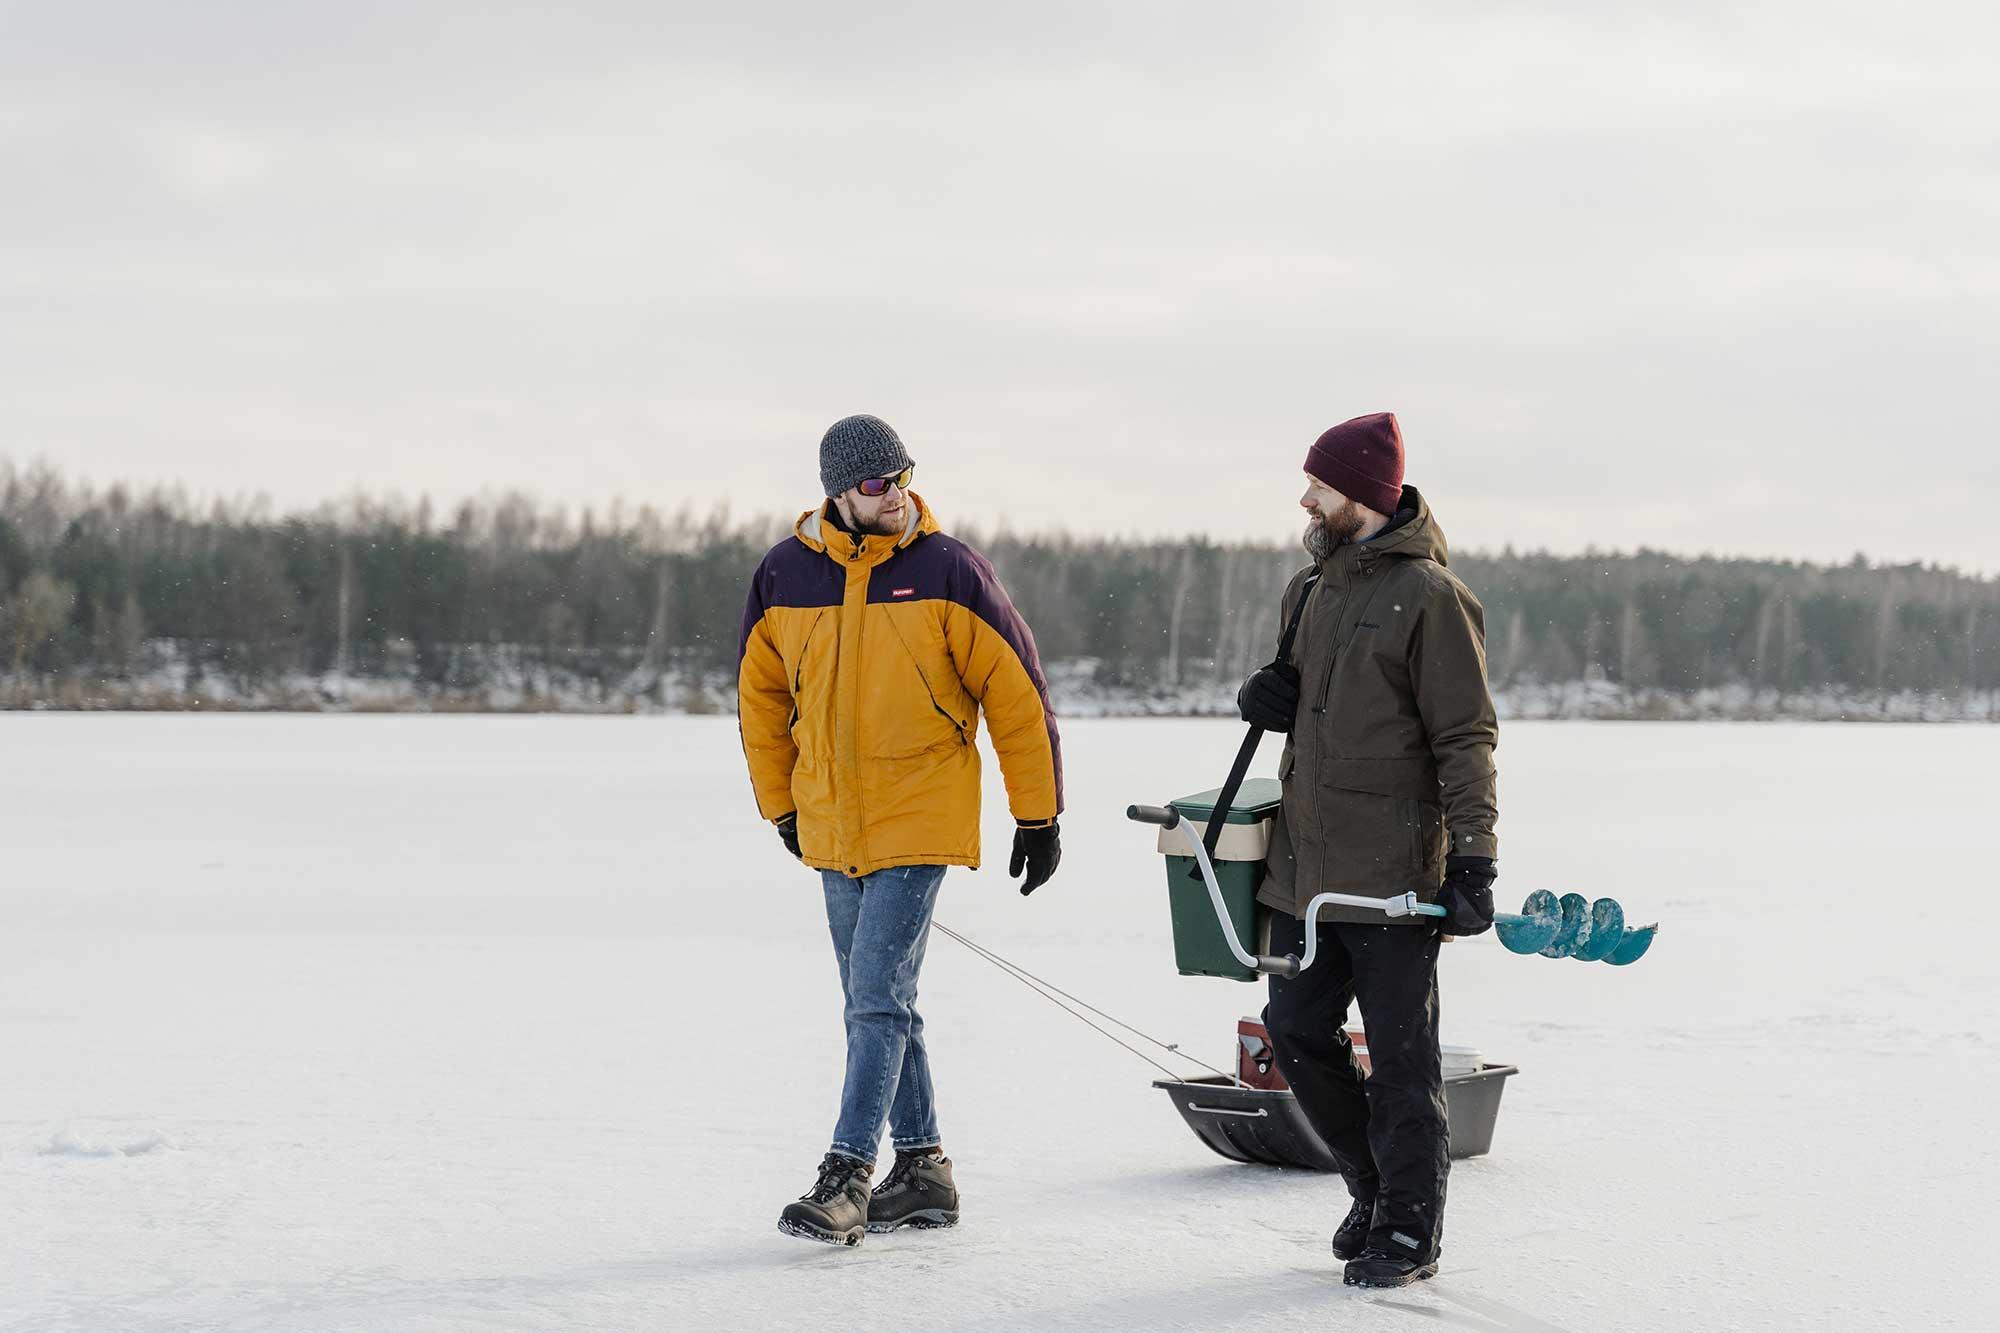 Two men walking on ice